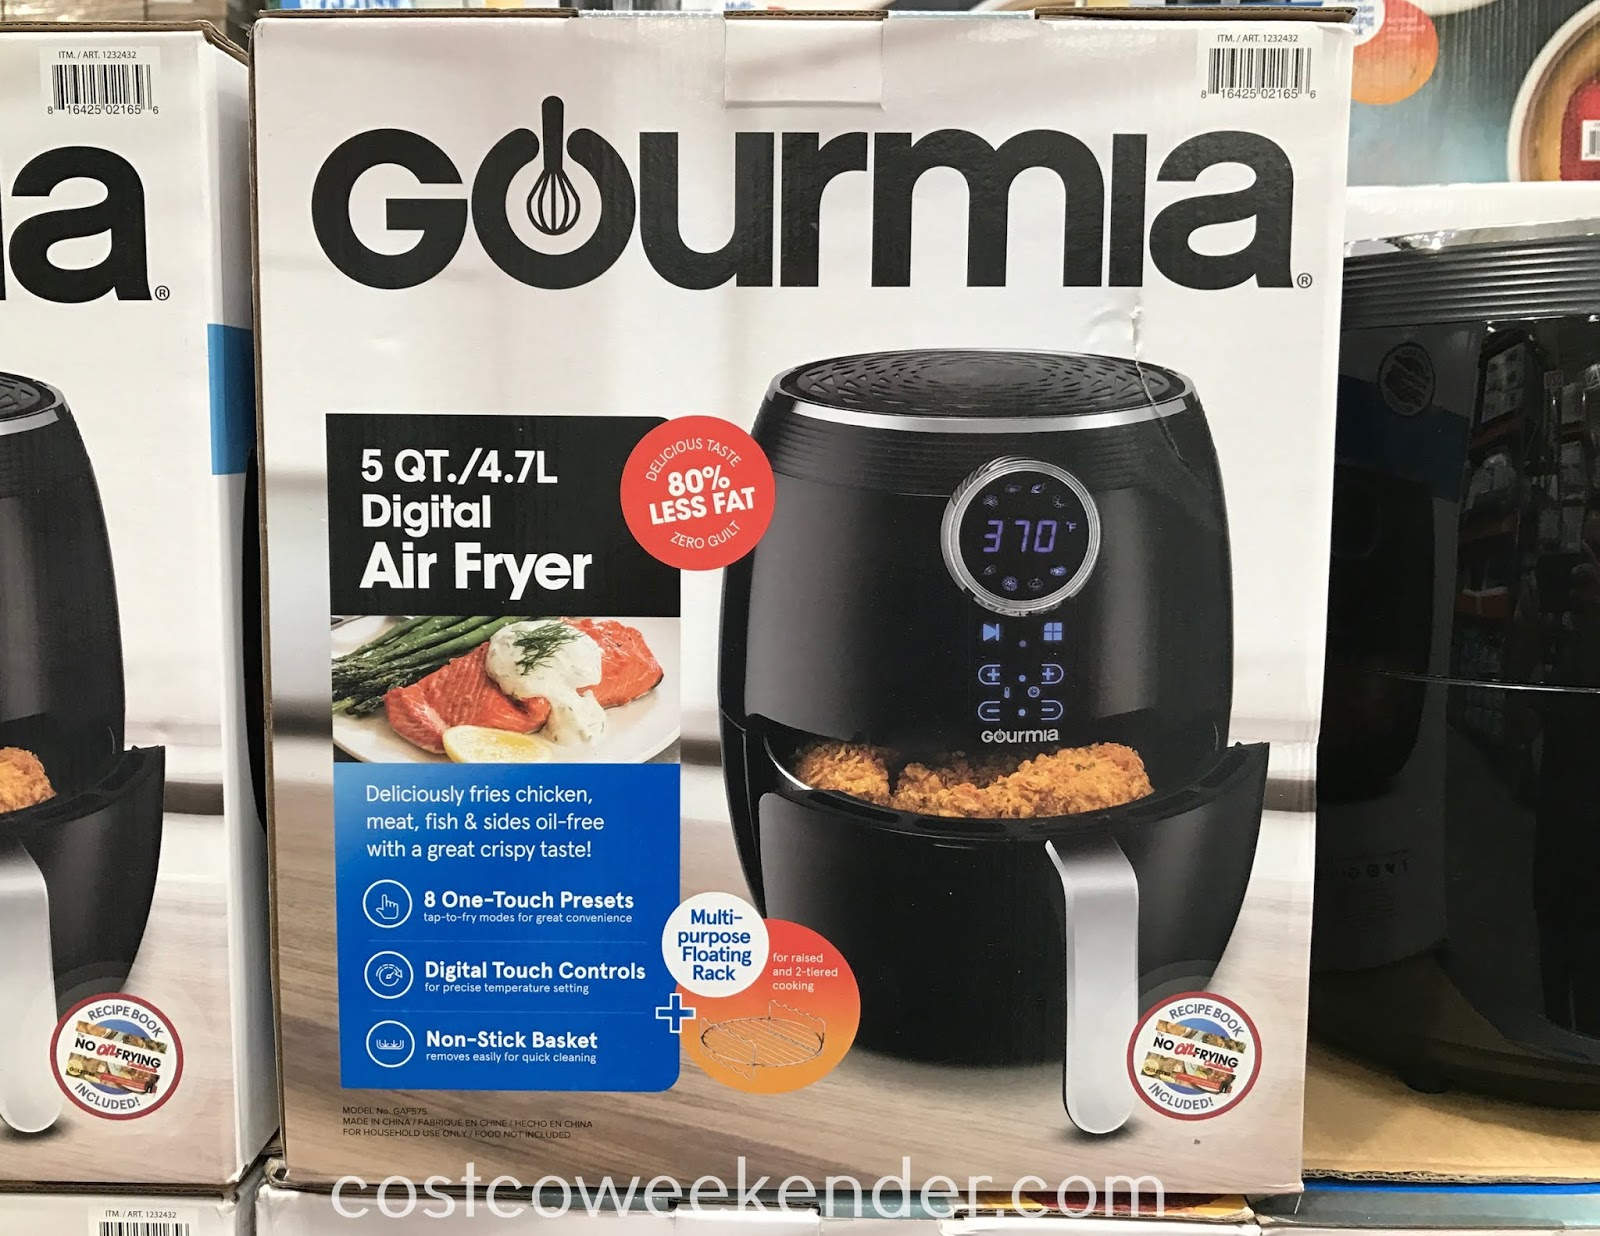 Enjoy crispy foods with the Gourmia 5qt Digital Air Fryer